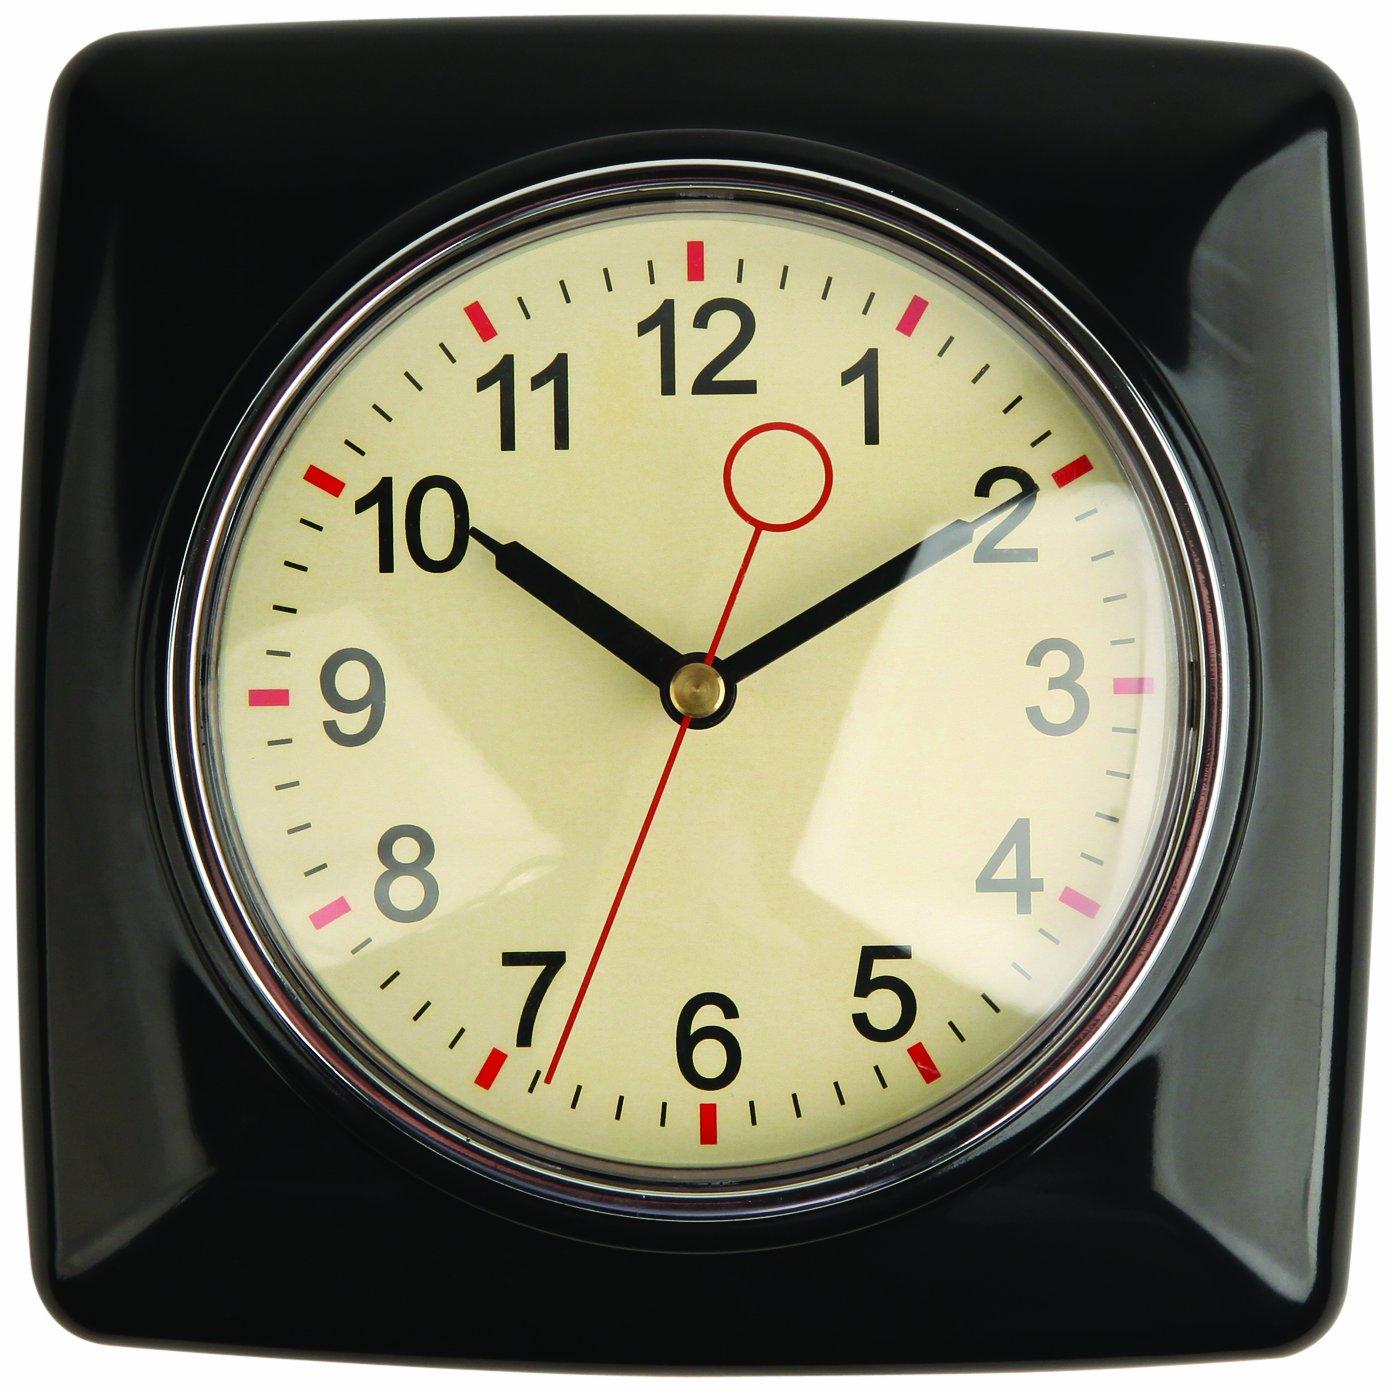 New square classic retro vintage 50s 50 s style design for Black retro wall clock